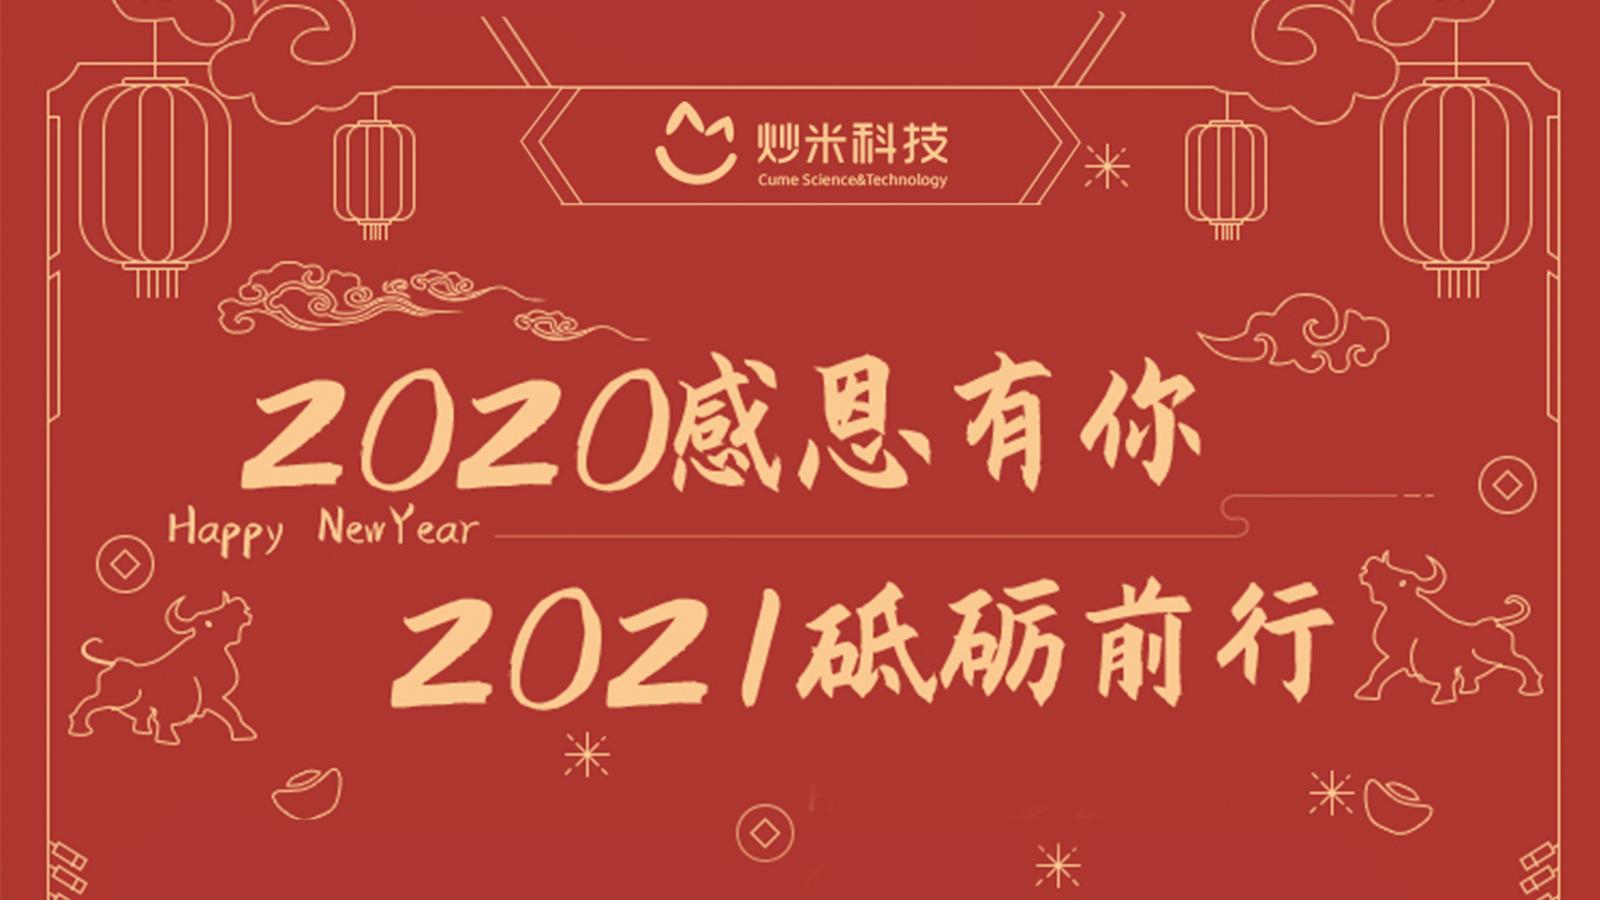 李祥明先生携炒米科技全体同仁给各位拜年啦!